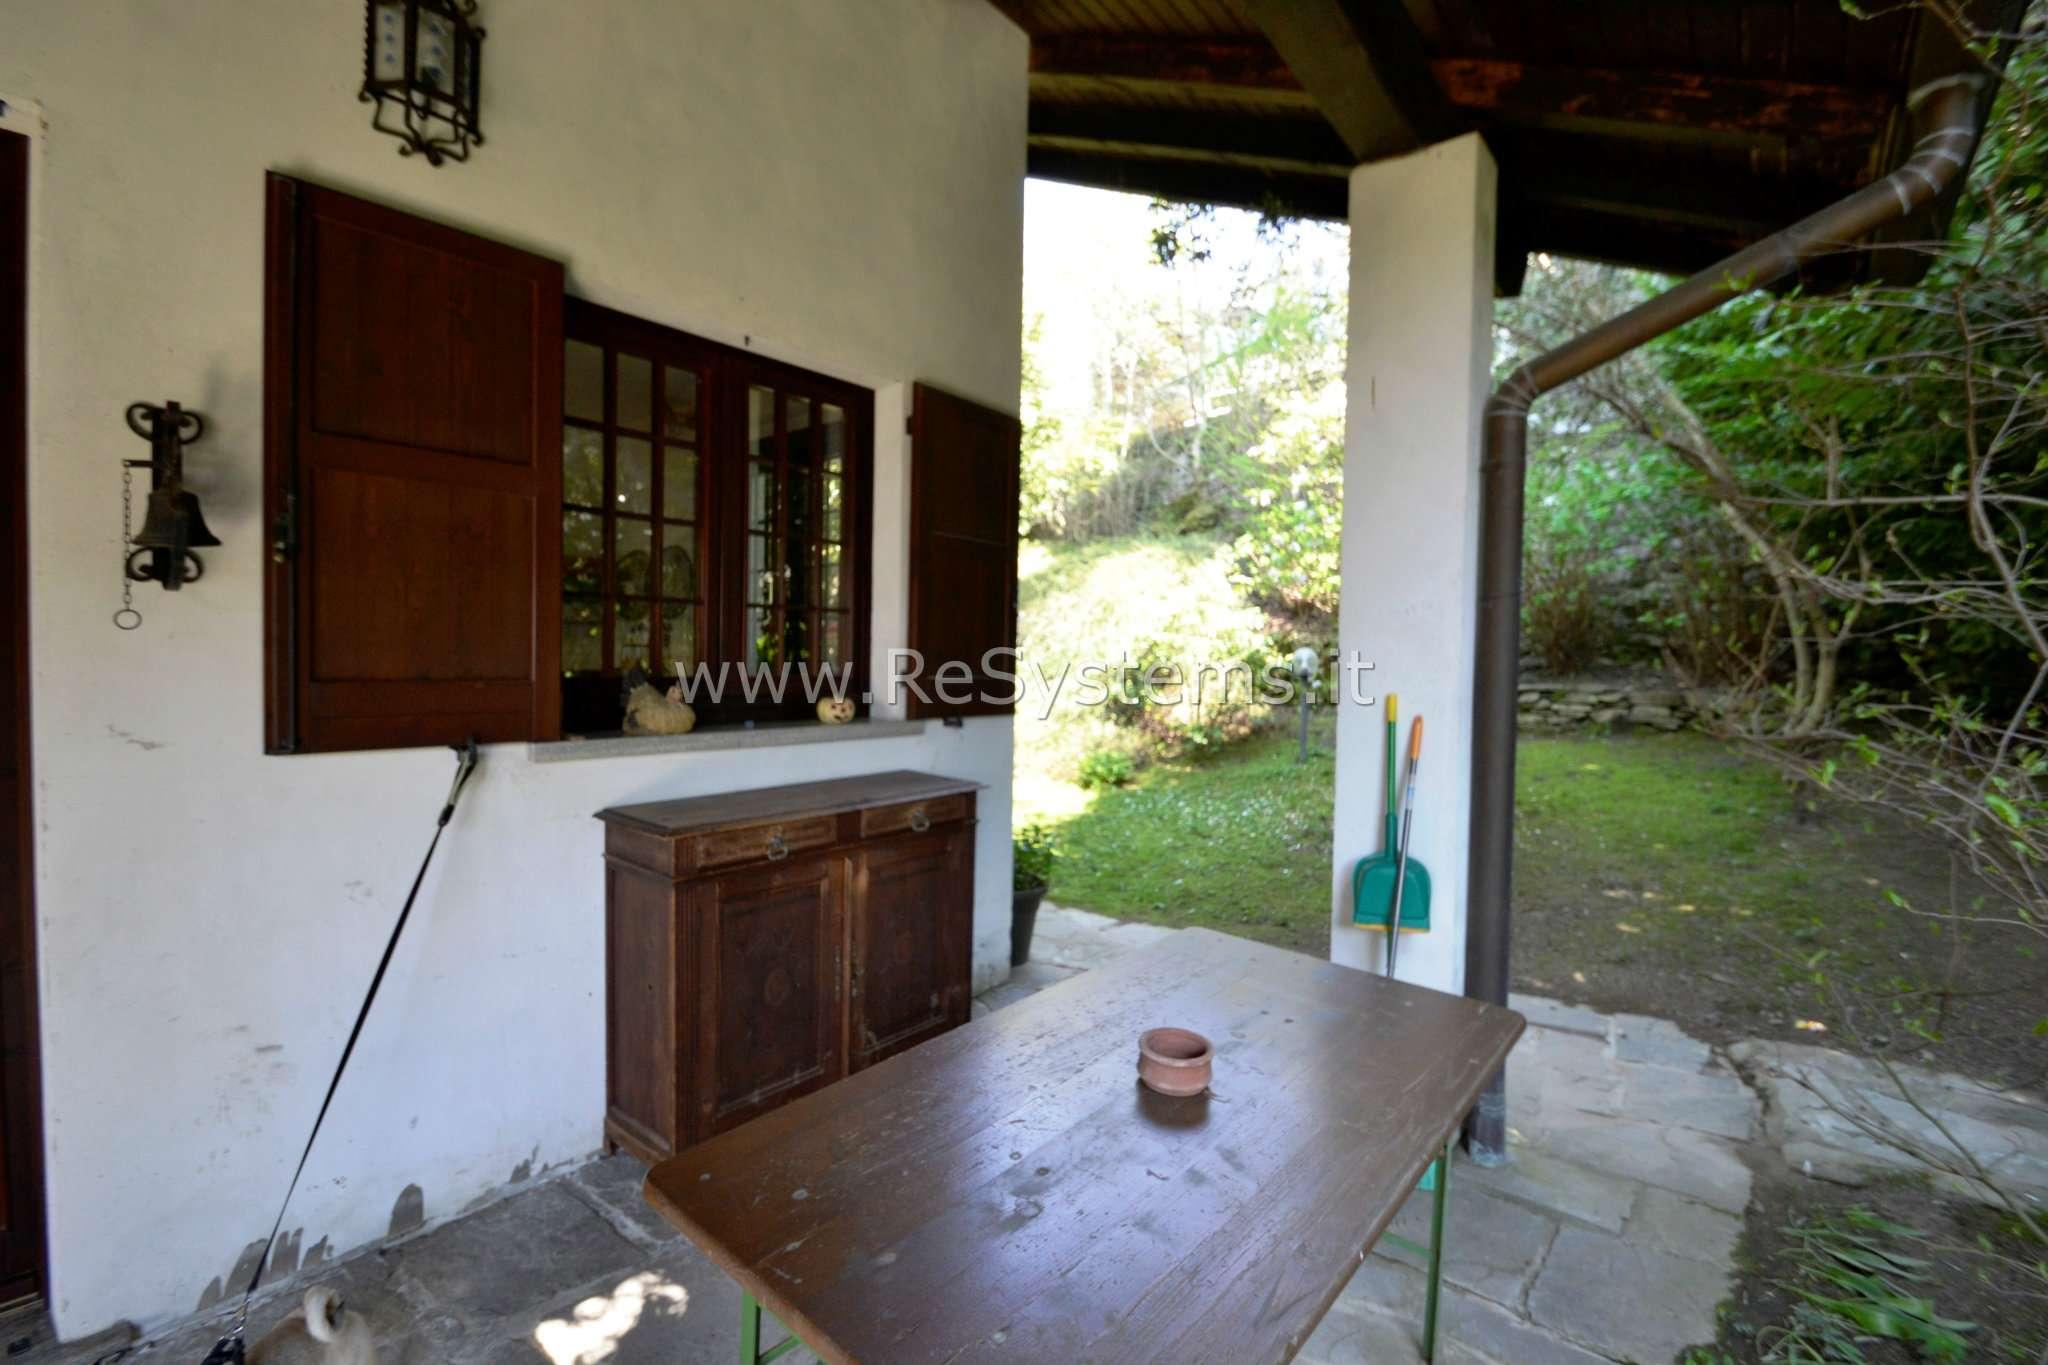 Villa in vendita a Faggeto Lario, 5 locali, prezzo € 780.000 | CambioCasa.it